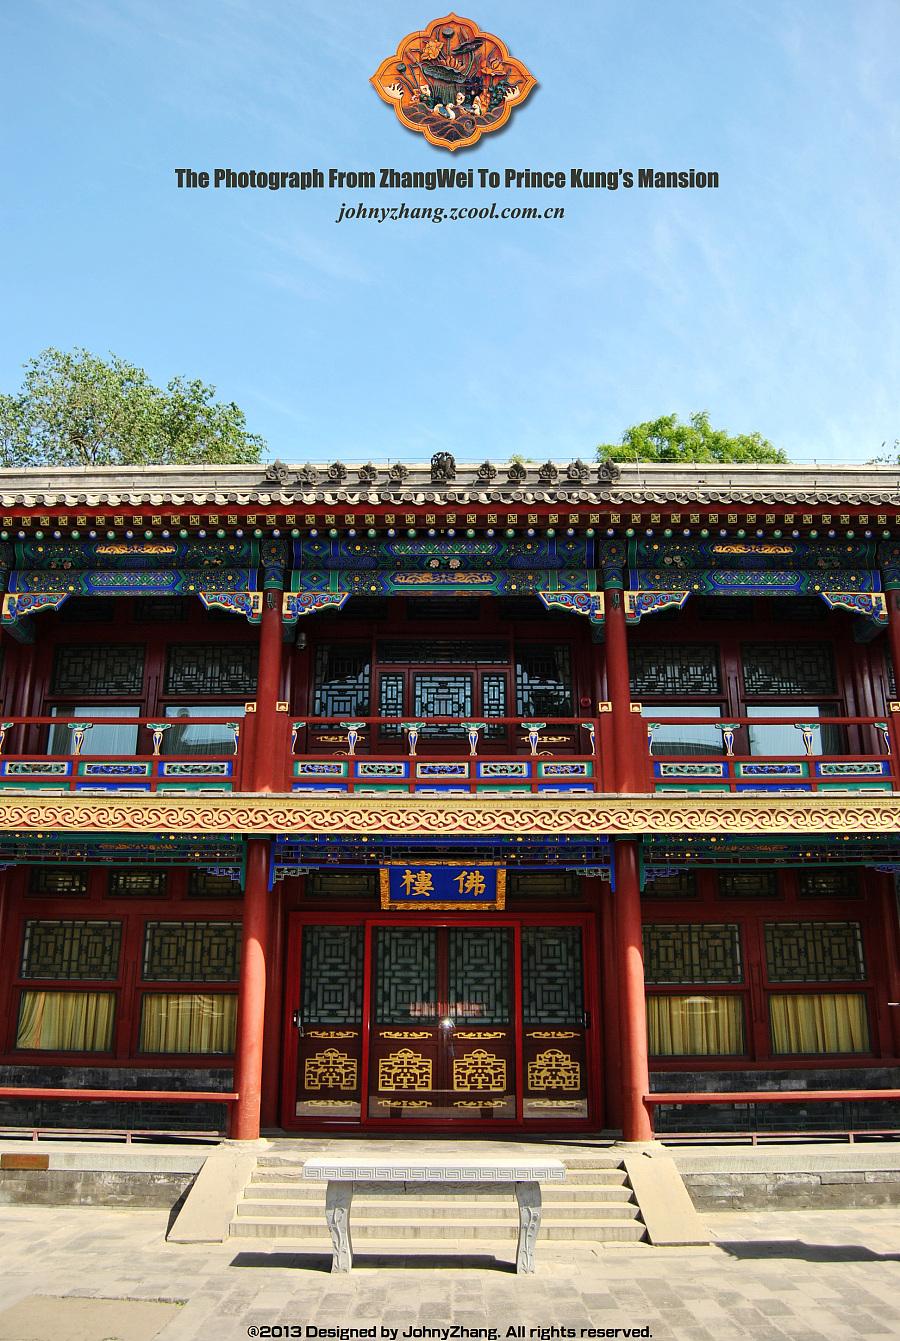 北京恭王府&基础|环境/建筑|v基础|JohnyZha室内设计花园西蒙多兹沃思txt图片